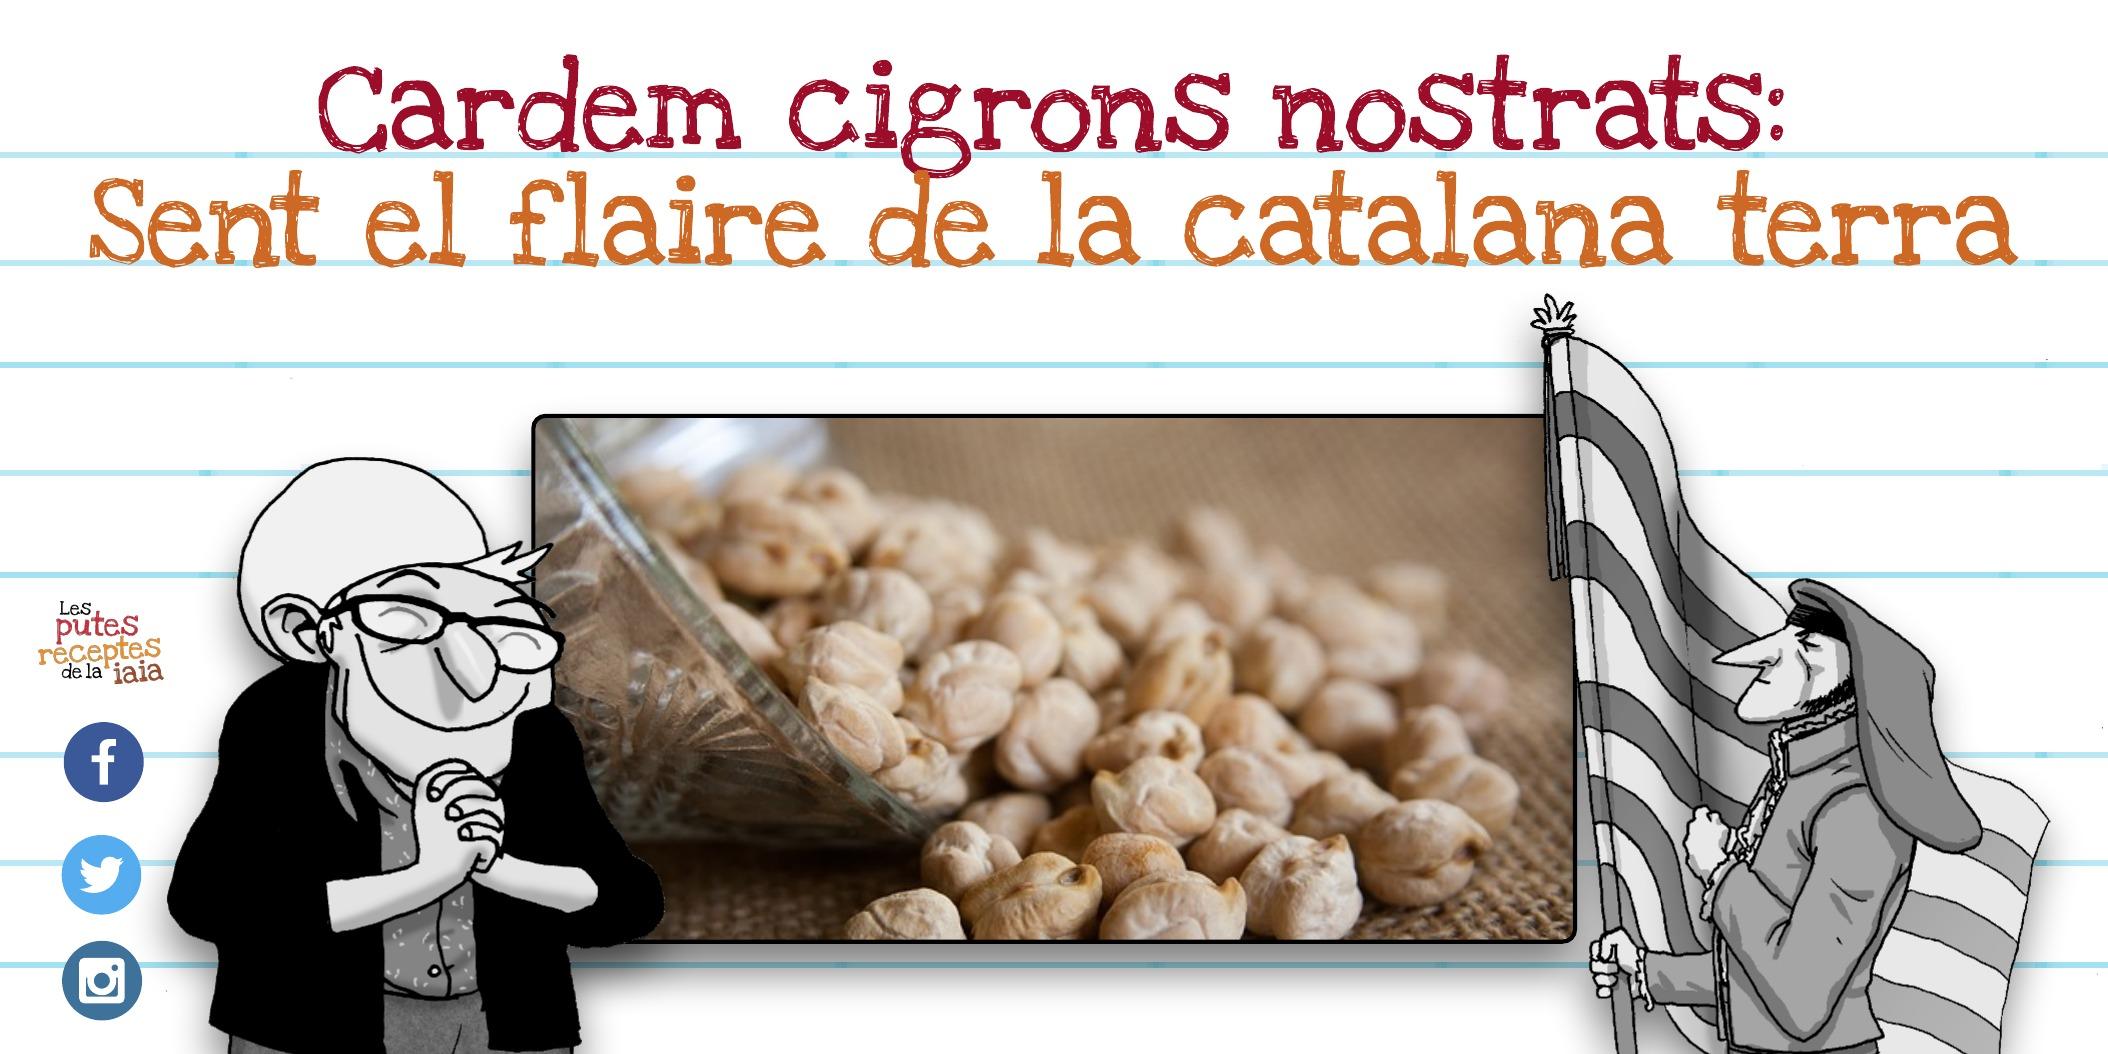 Els putos cigrons a la catalana